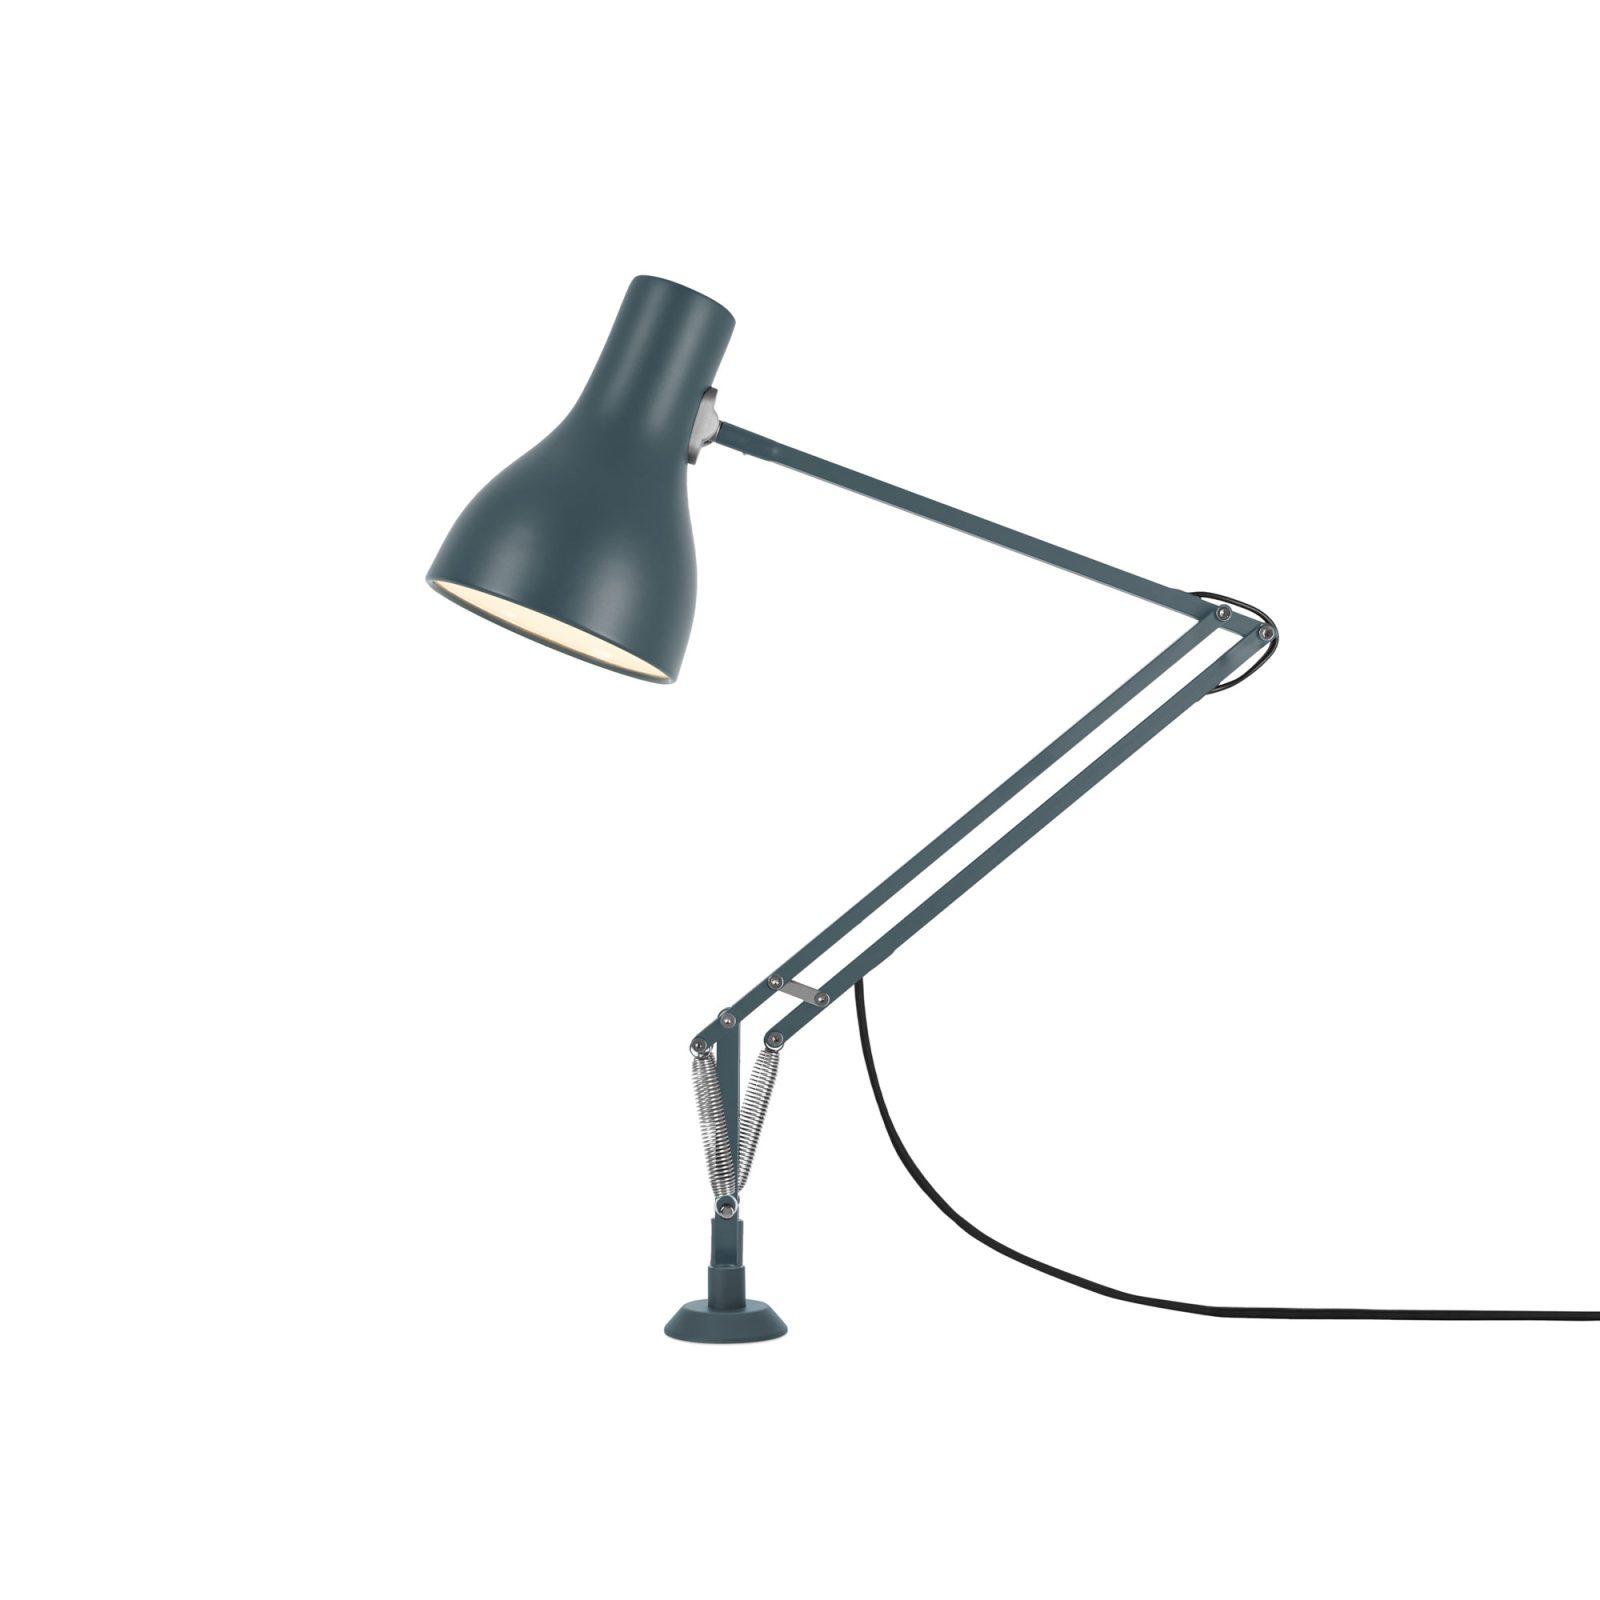 type-75-desk-lamp-with-desk-insert-10